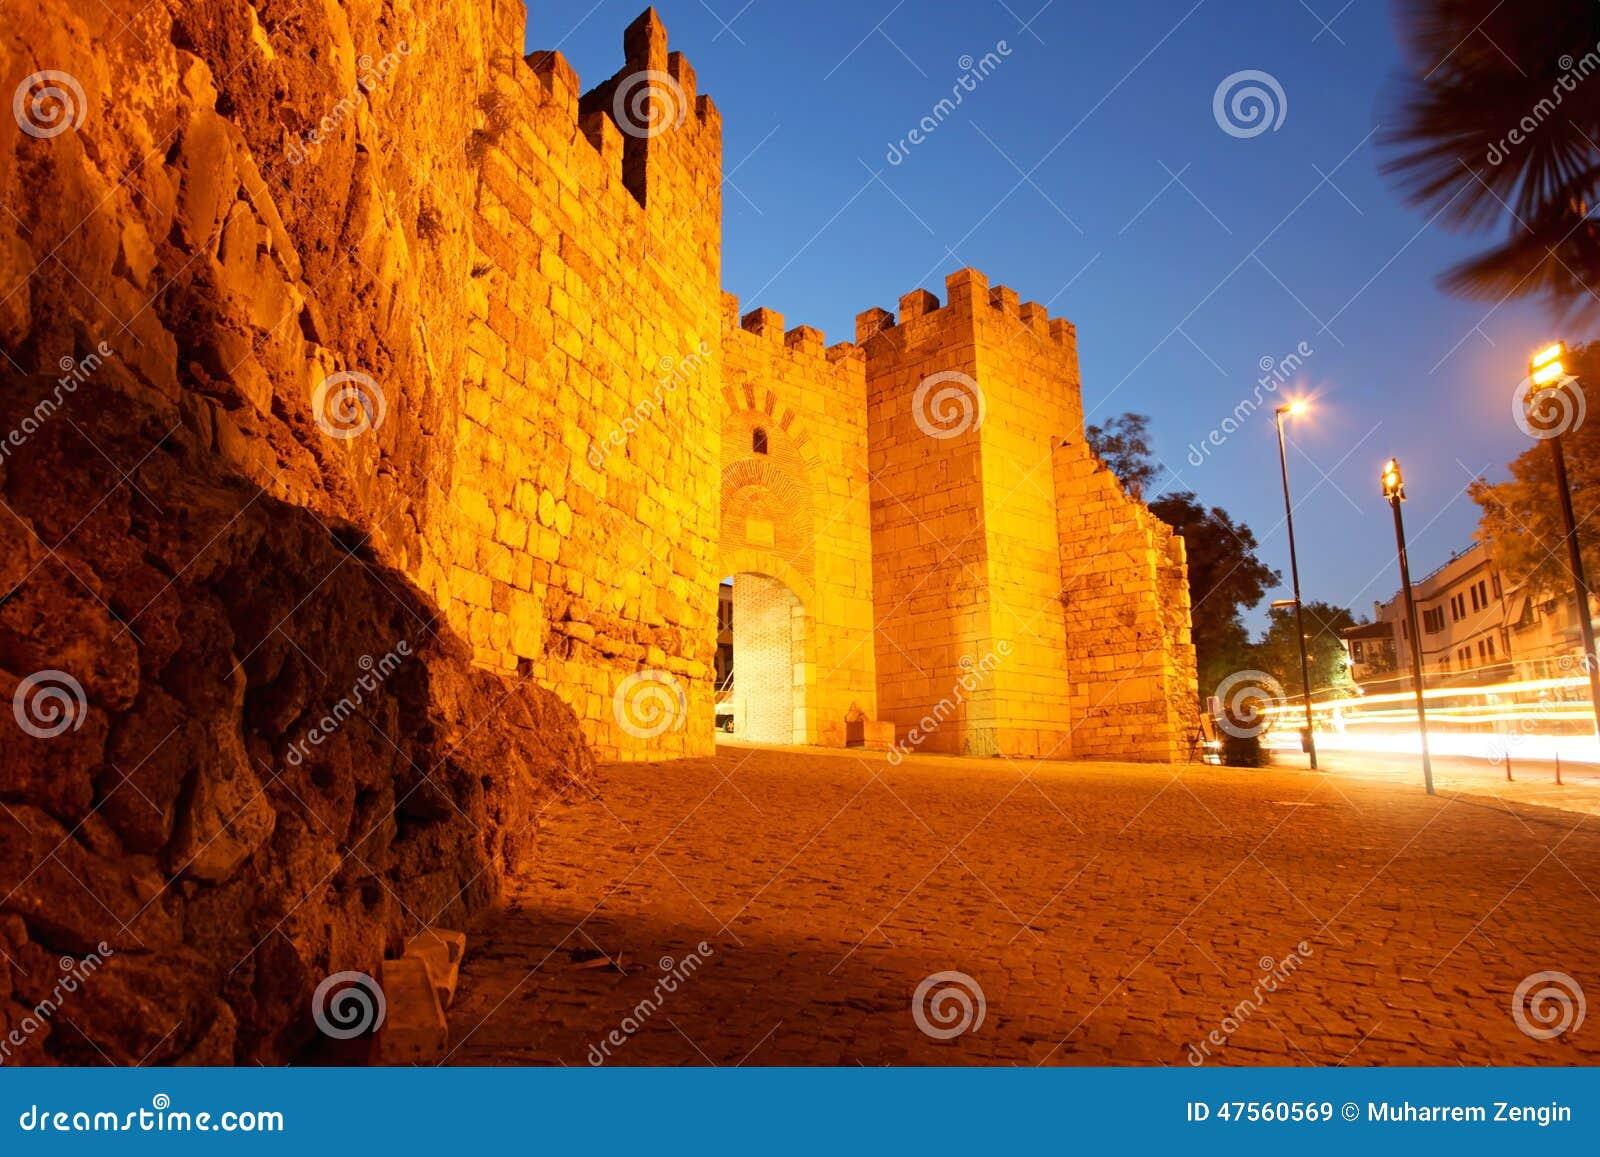 中世纪citywall在伯萨,土耳其.远景与悦翔v7图片